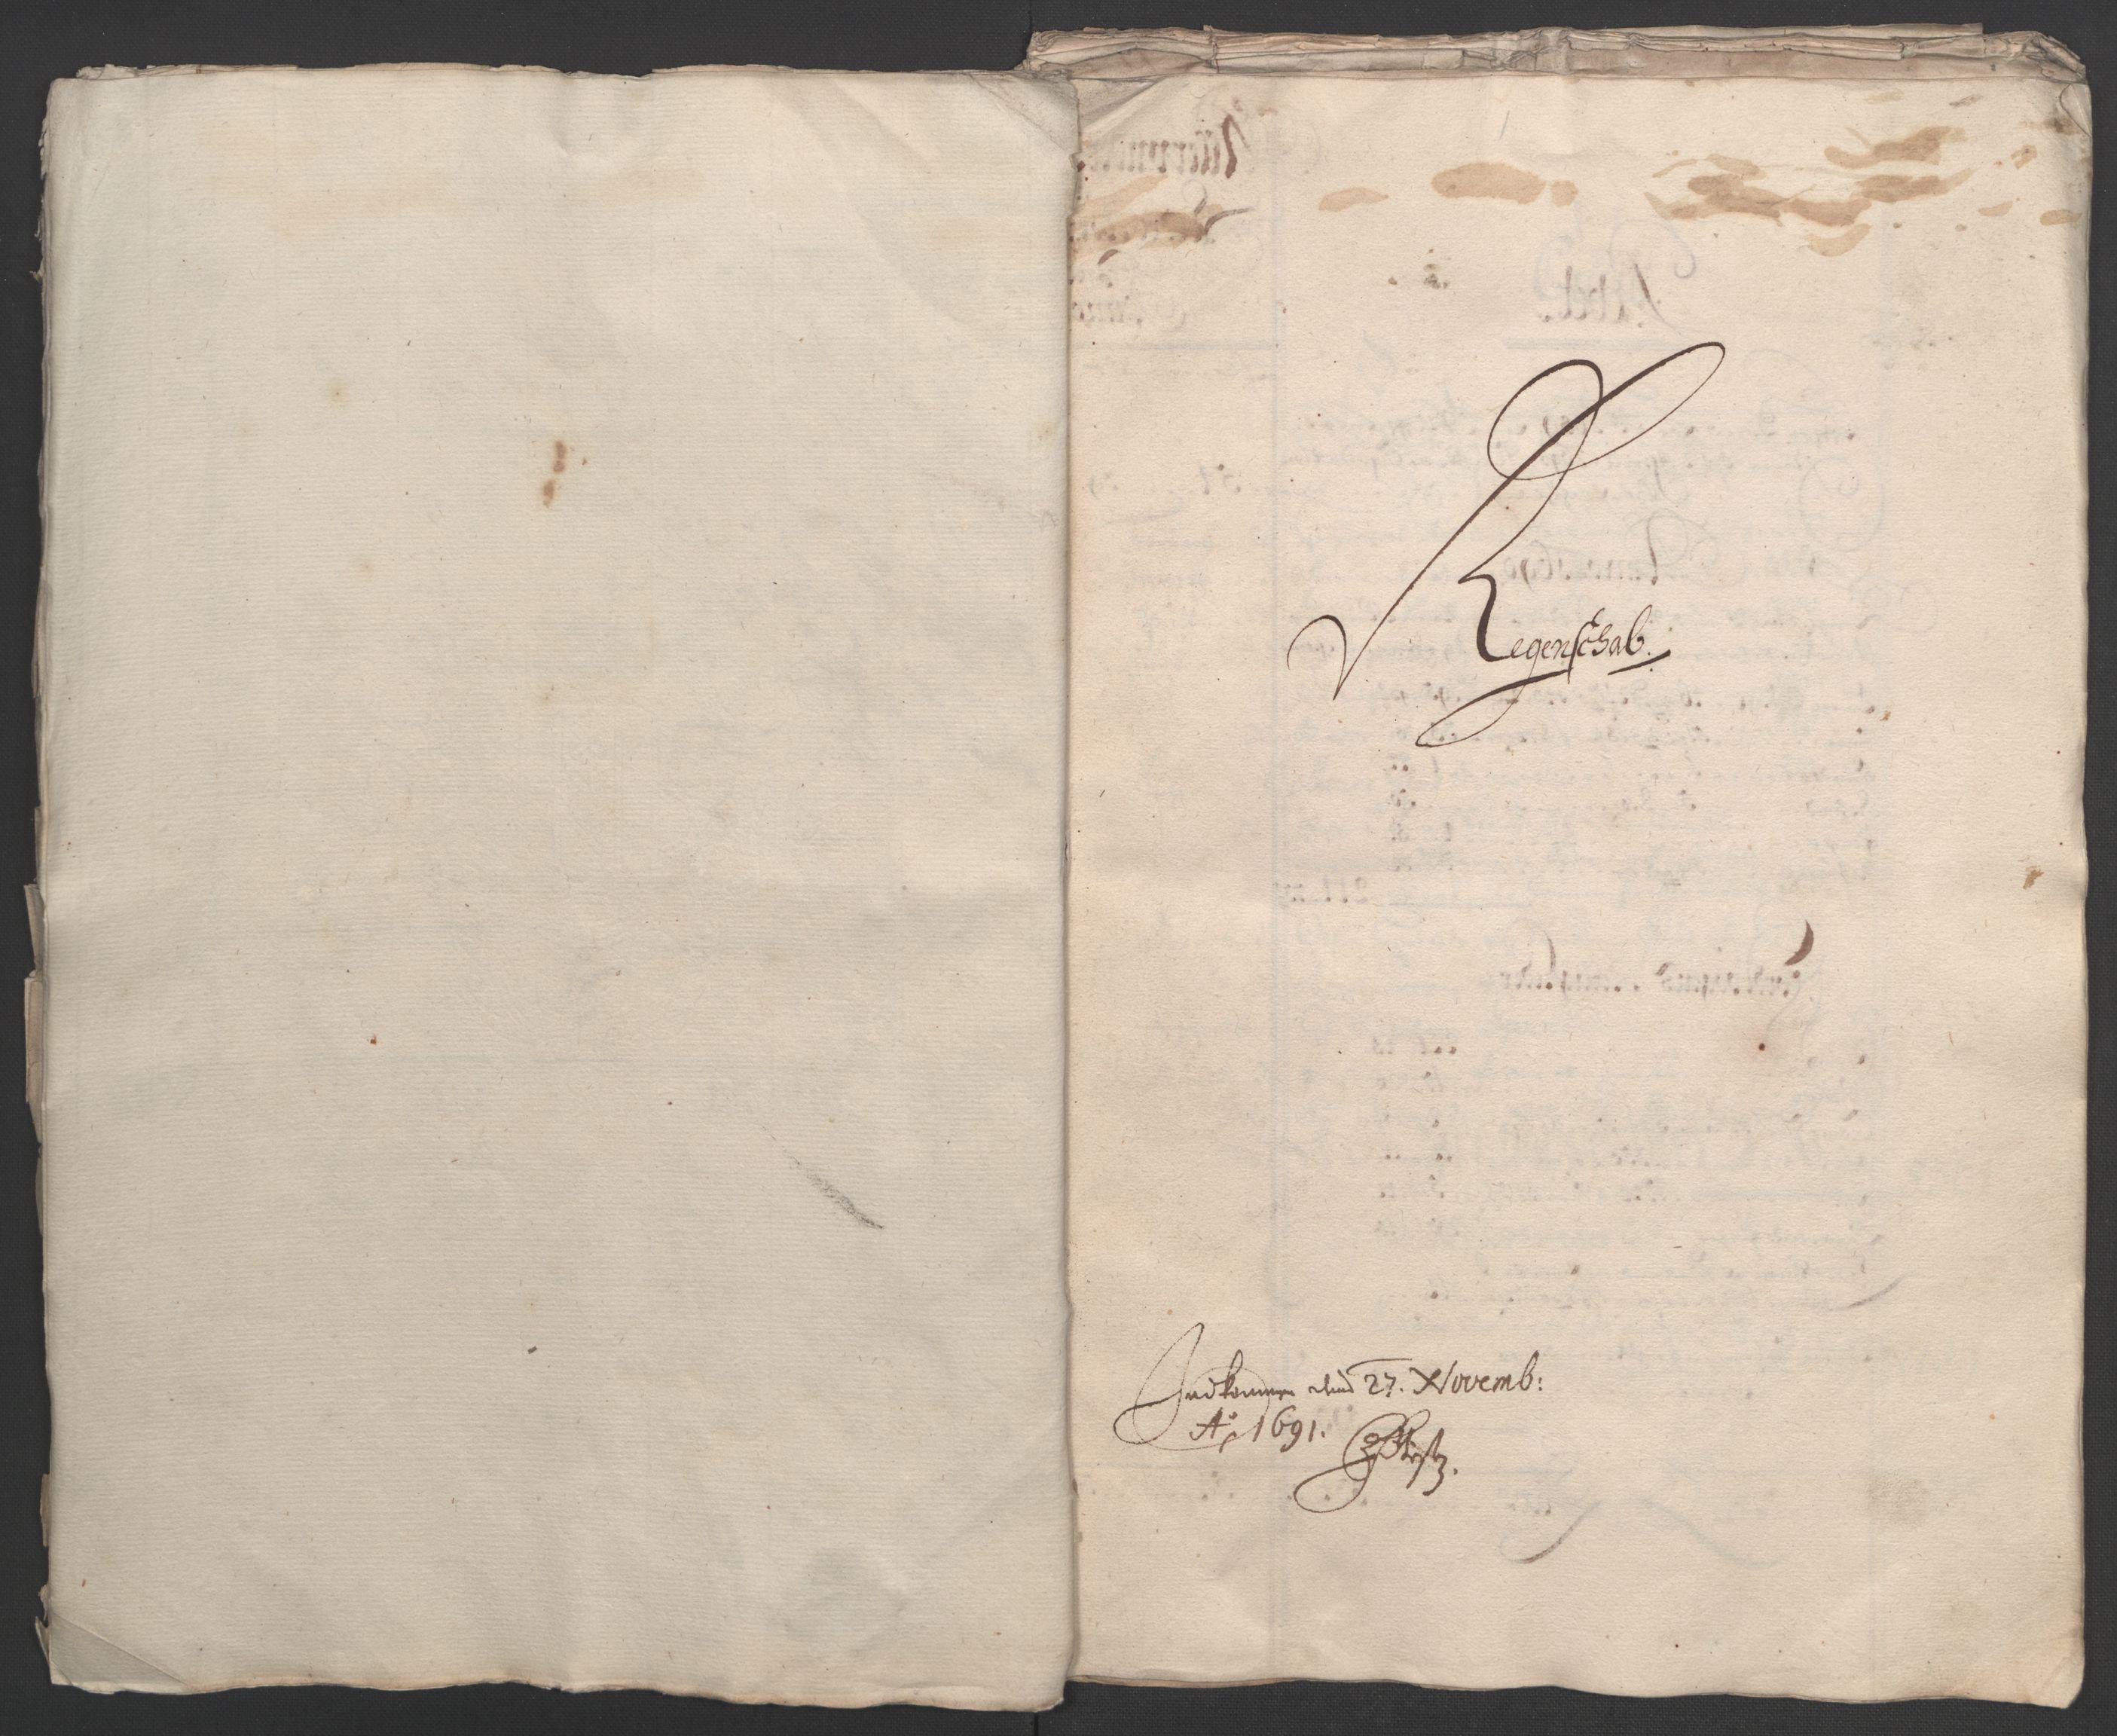 RA, Rentekammeret inntil 1814, Reviderte regnskaper, Fogderegnskap, R11/L0576: Fogderegnskap Nedre Romerike, 1682-1691, s. 15